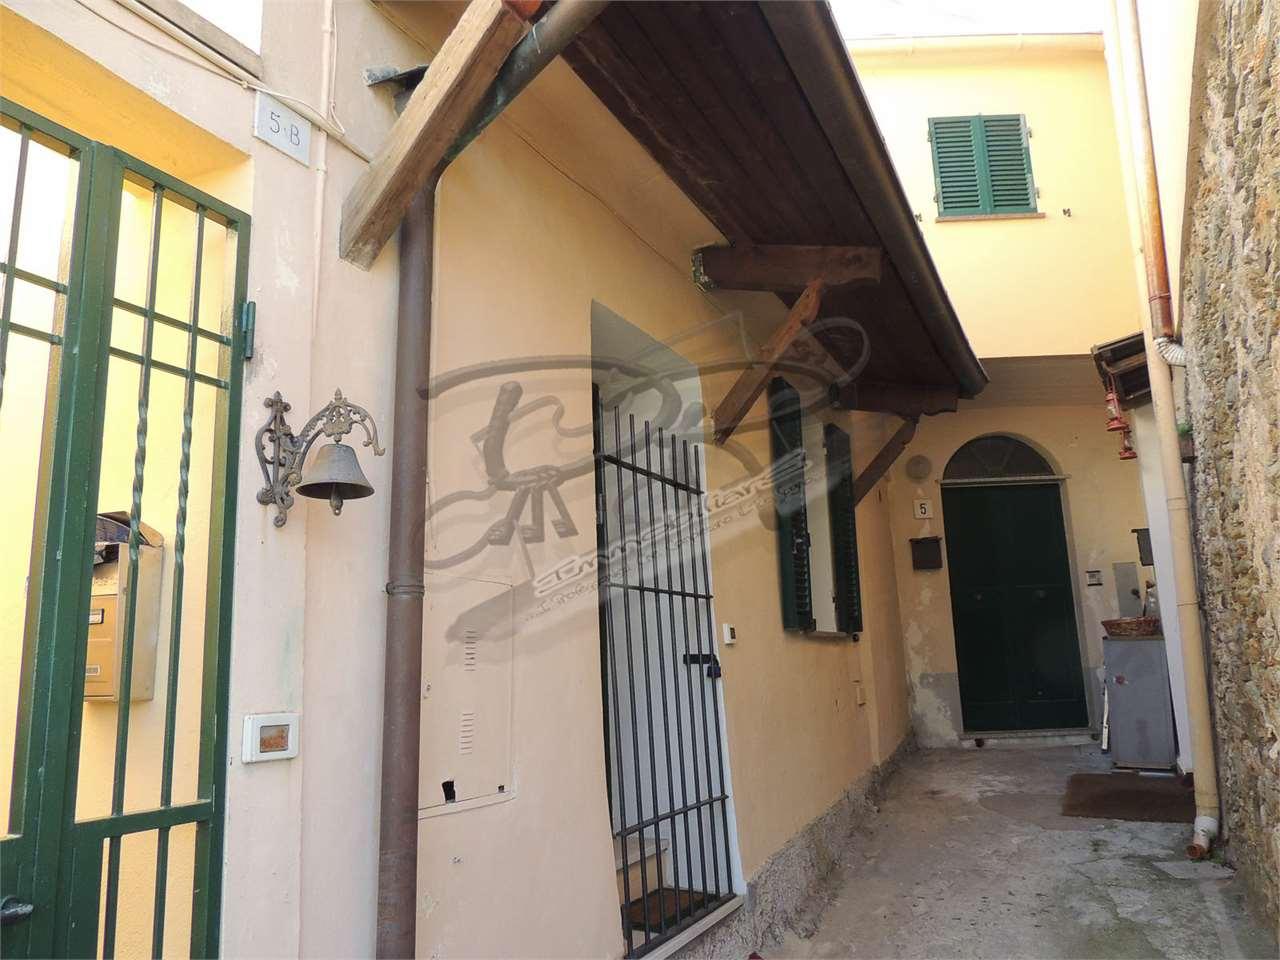 Appartamento in vendita a Vezzi Portio, 2 locali, zona Filippo, prezzo € 105.000 | PortaleAgenzieImmobiliari.it